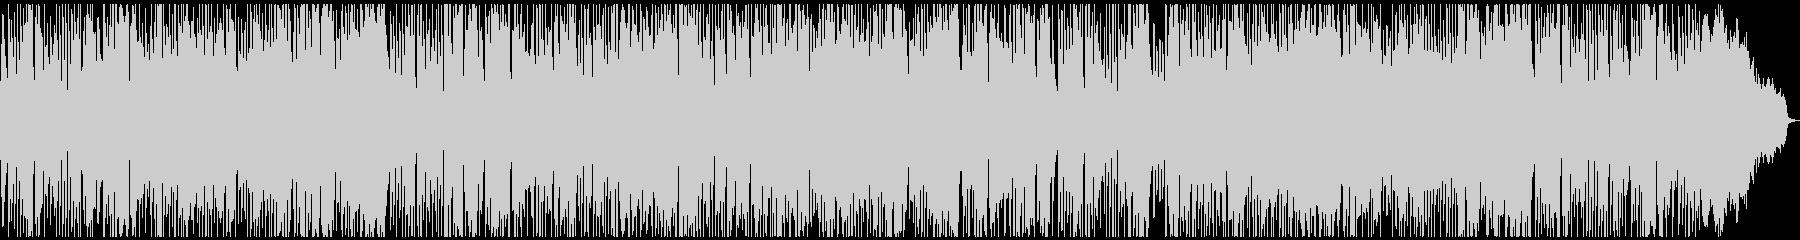 二胡の中華風エキゾチックポップジャズの未再生の波形